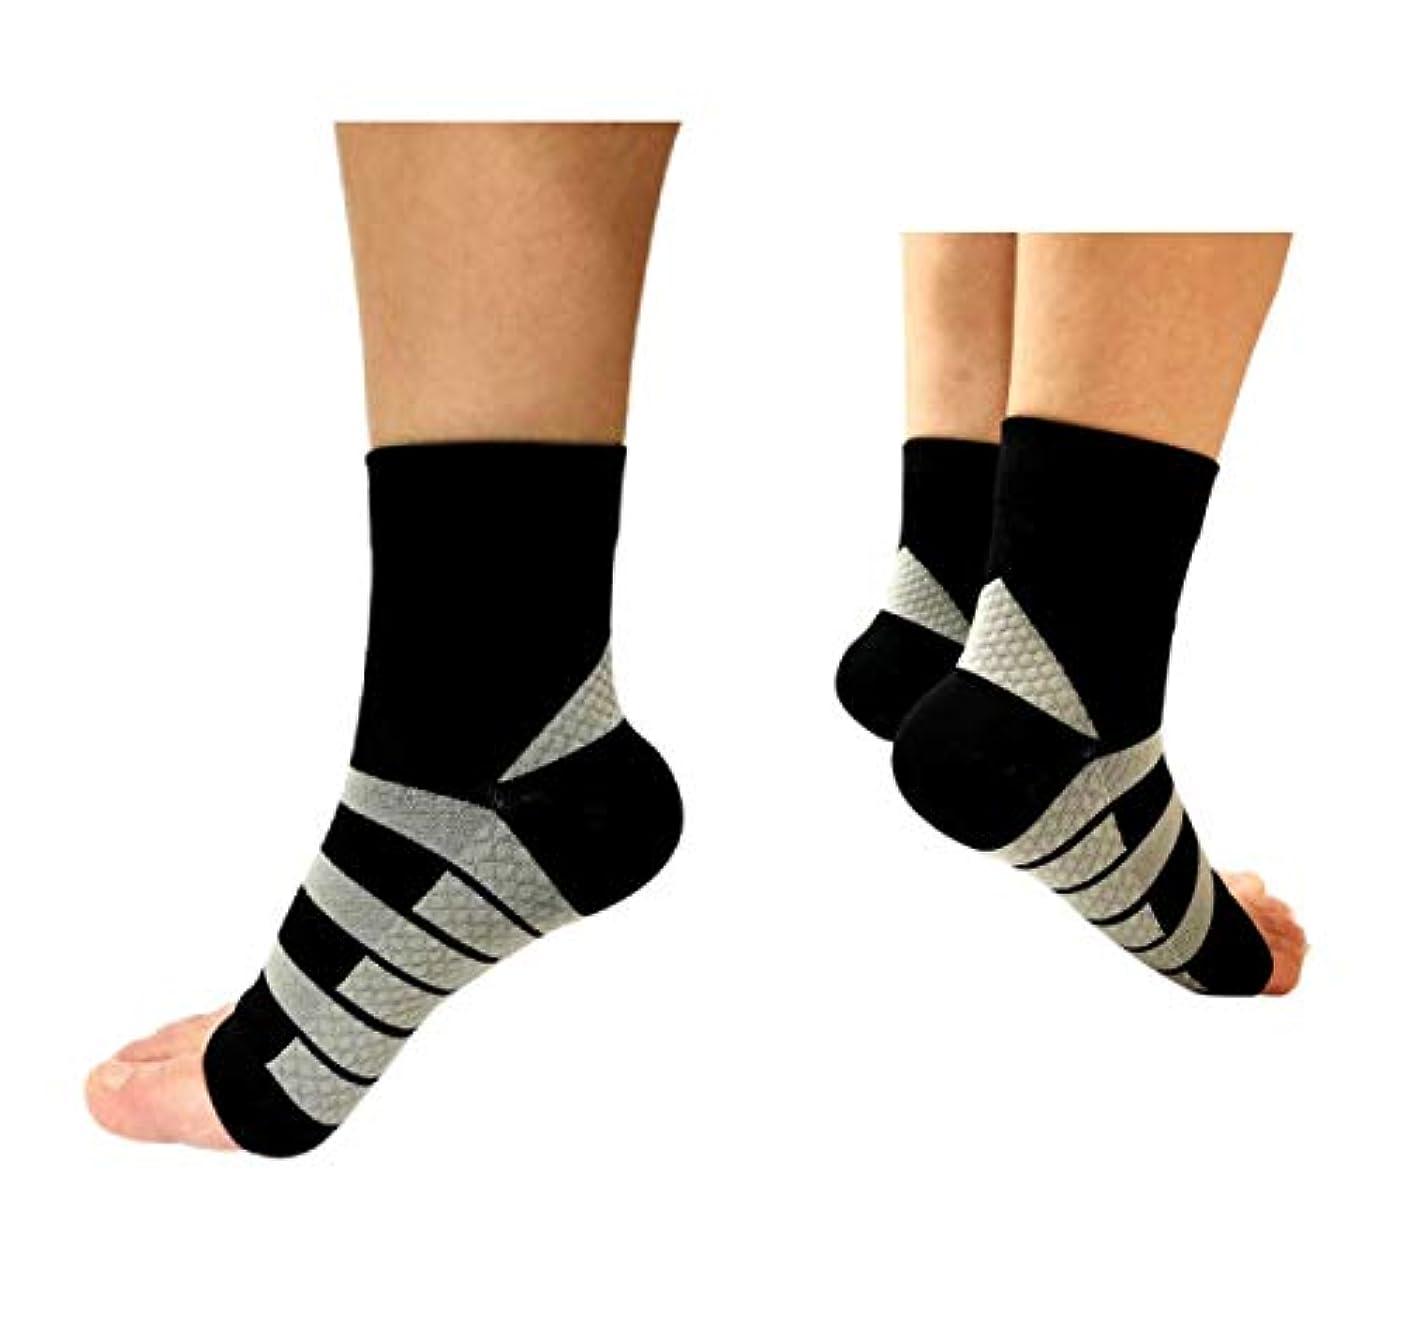 FILED (フィールド)サポーター 足首 かかと サポーター 足 ねんざ サポーター 足裏アーチ 足底筋膜炎サポーター 2枚入り 着圧 衝撃吸収 サポーター 土踏まず かかと痛み (XL)